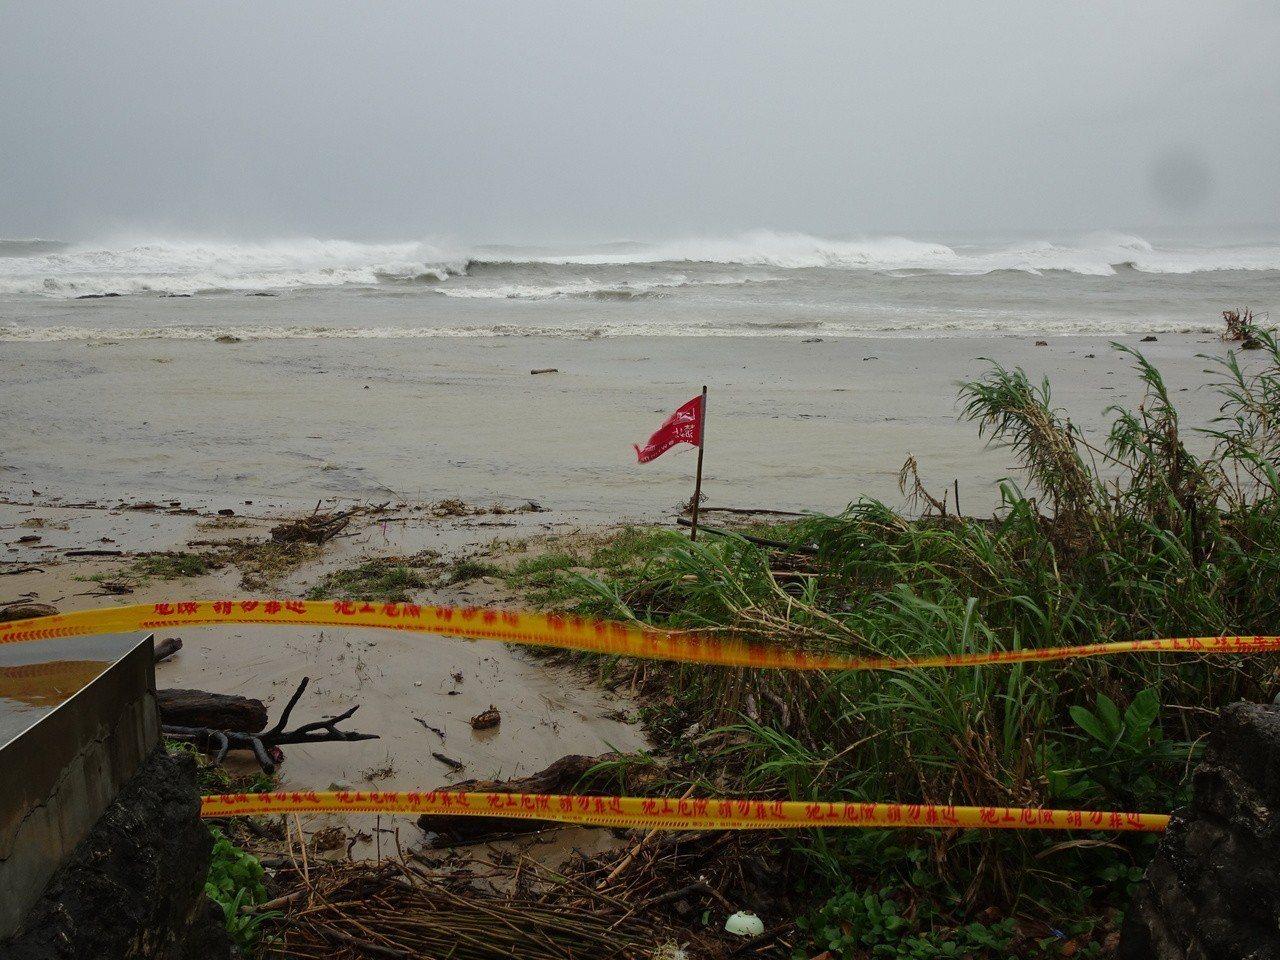 強烈颱風山竹暴風圈外圍今天上午擦過鵝鑾鼻南方海域,在海岸掀起逾4公尺高巨浪,海岸...